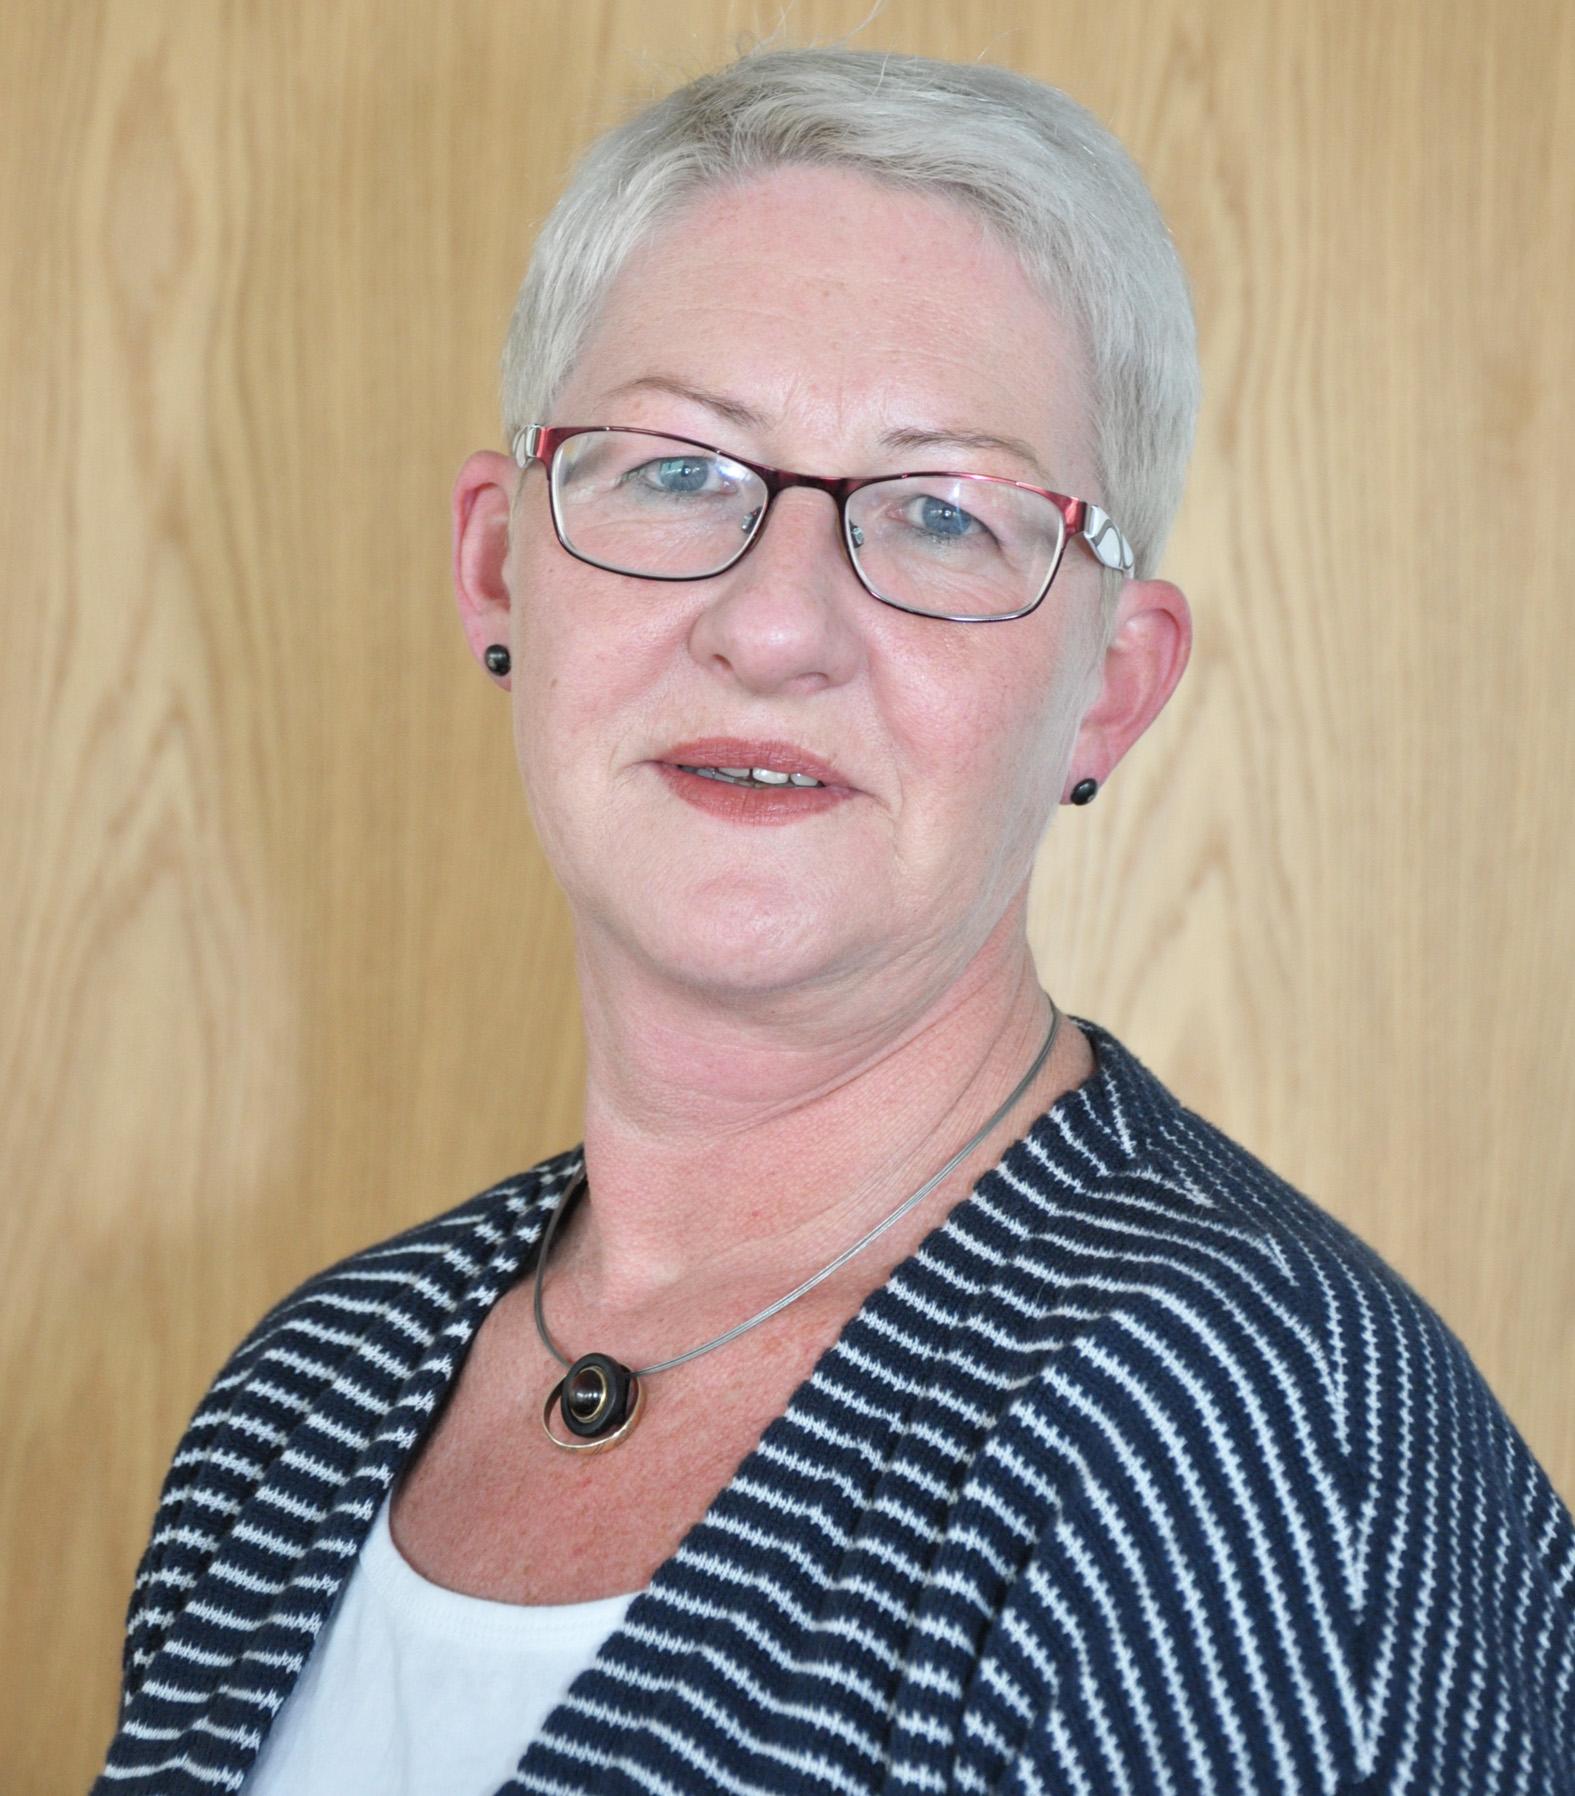 Seniorenzentrum Wiblingen, Pflegedienstleitung, Herta Keul